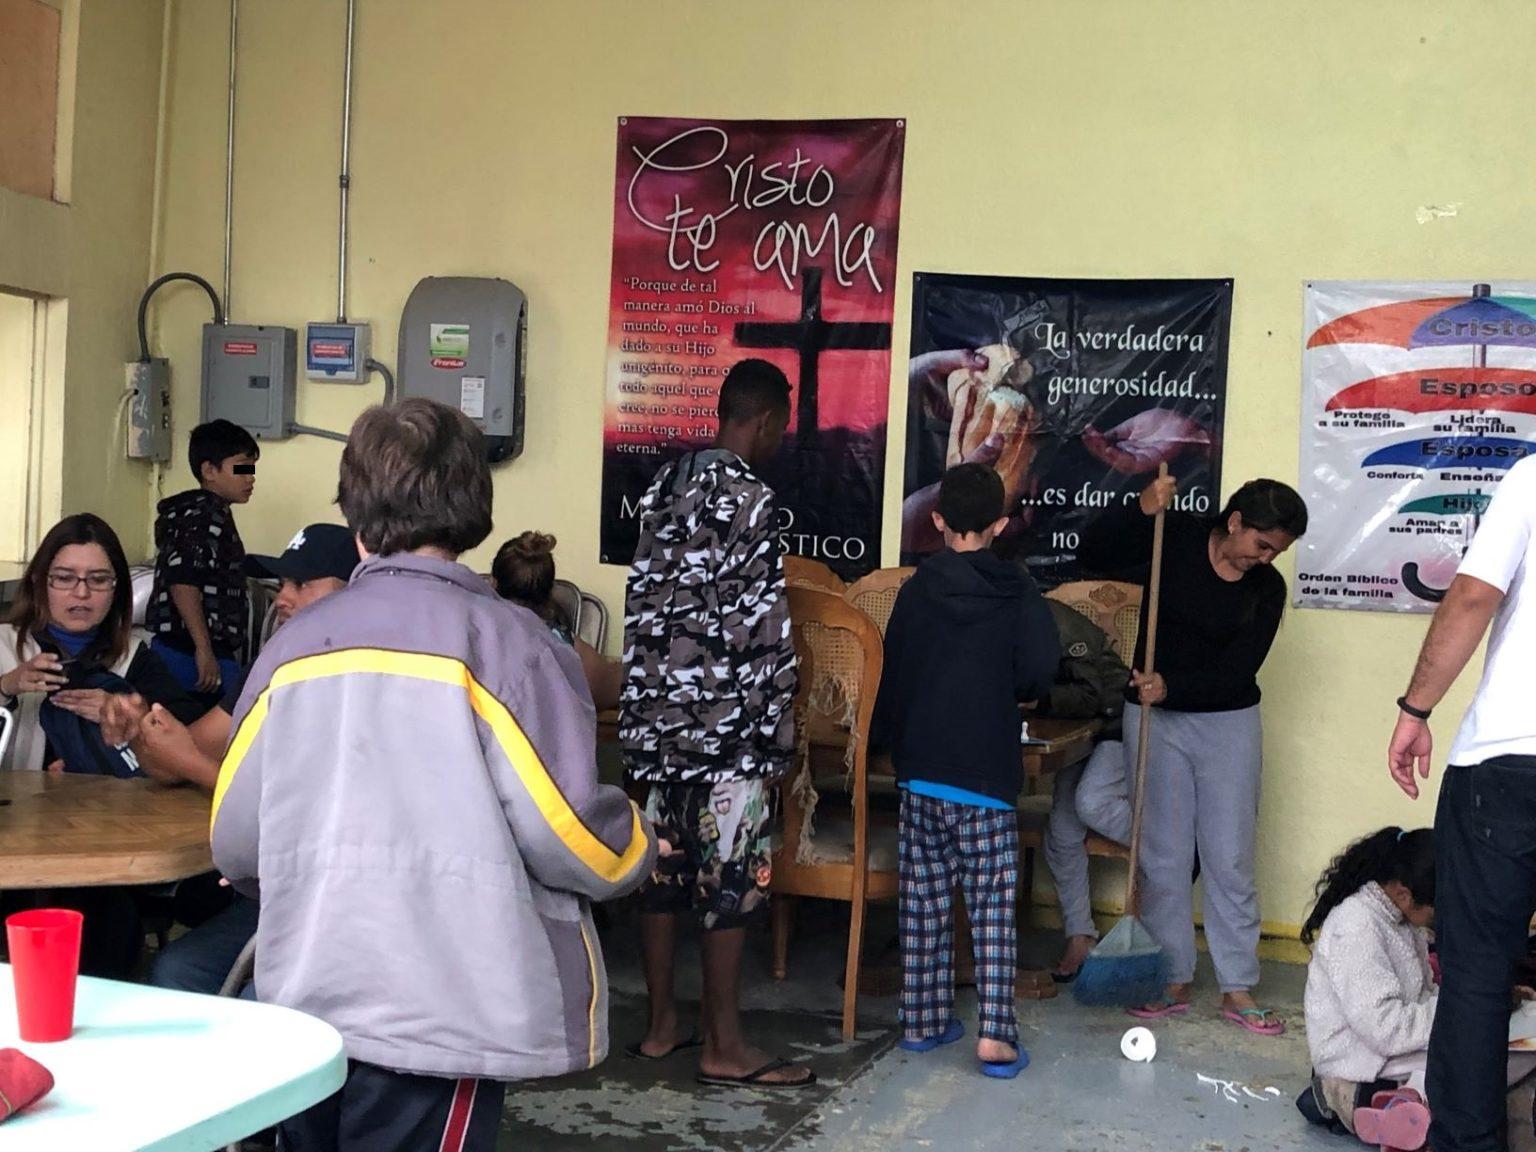 Hacinados, migrantes en albergues enfrentan crisis por coronavirus (Juárez, Chihuahua)